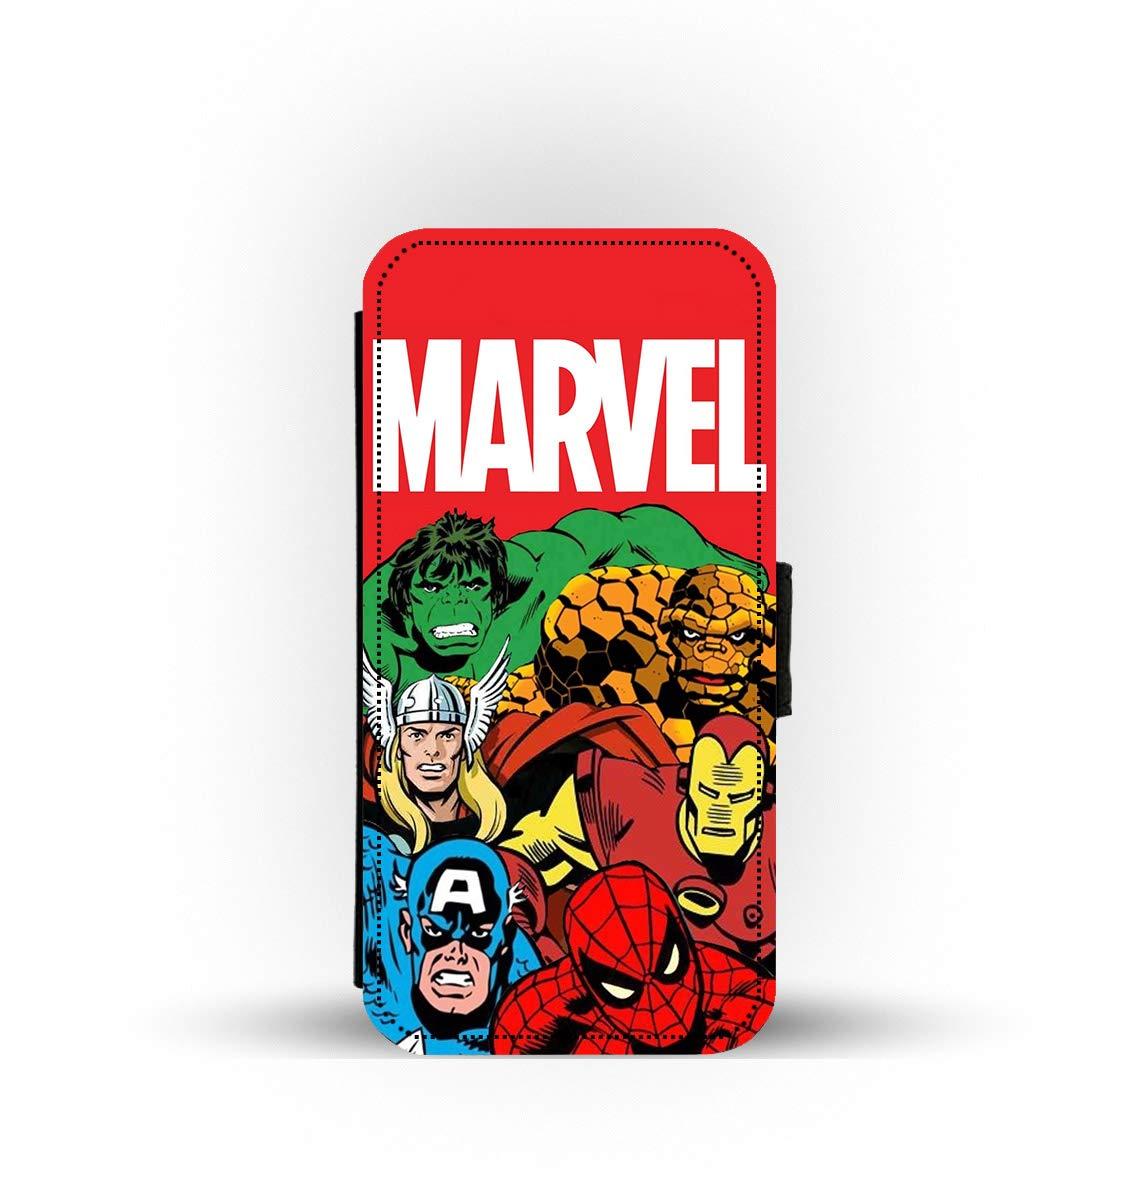 dise/ño de los Vengadores de Marvel de los 90s Funda con Tapa para iPhone con Tarjetero Dreams Ltd